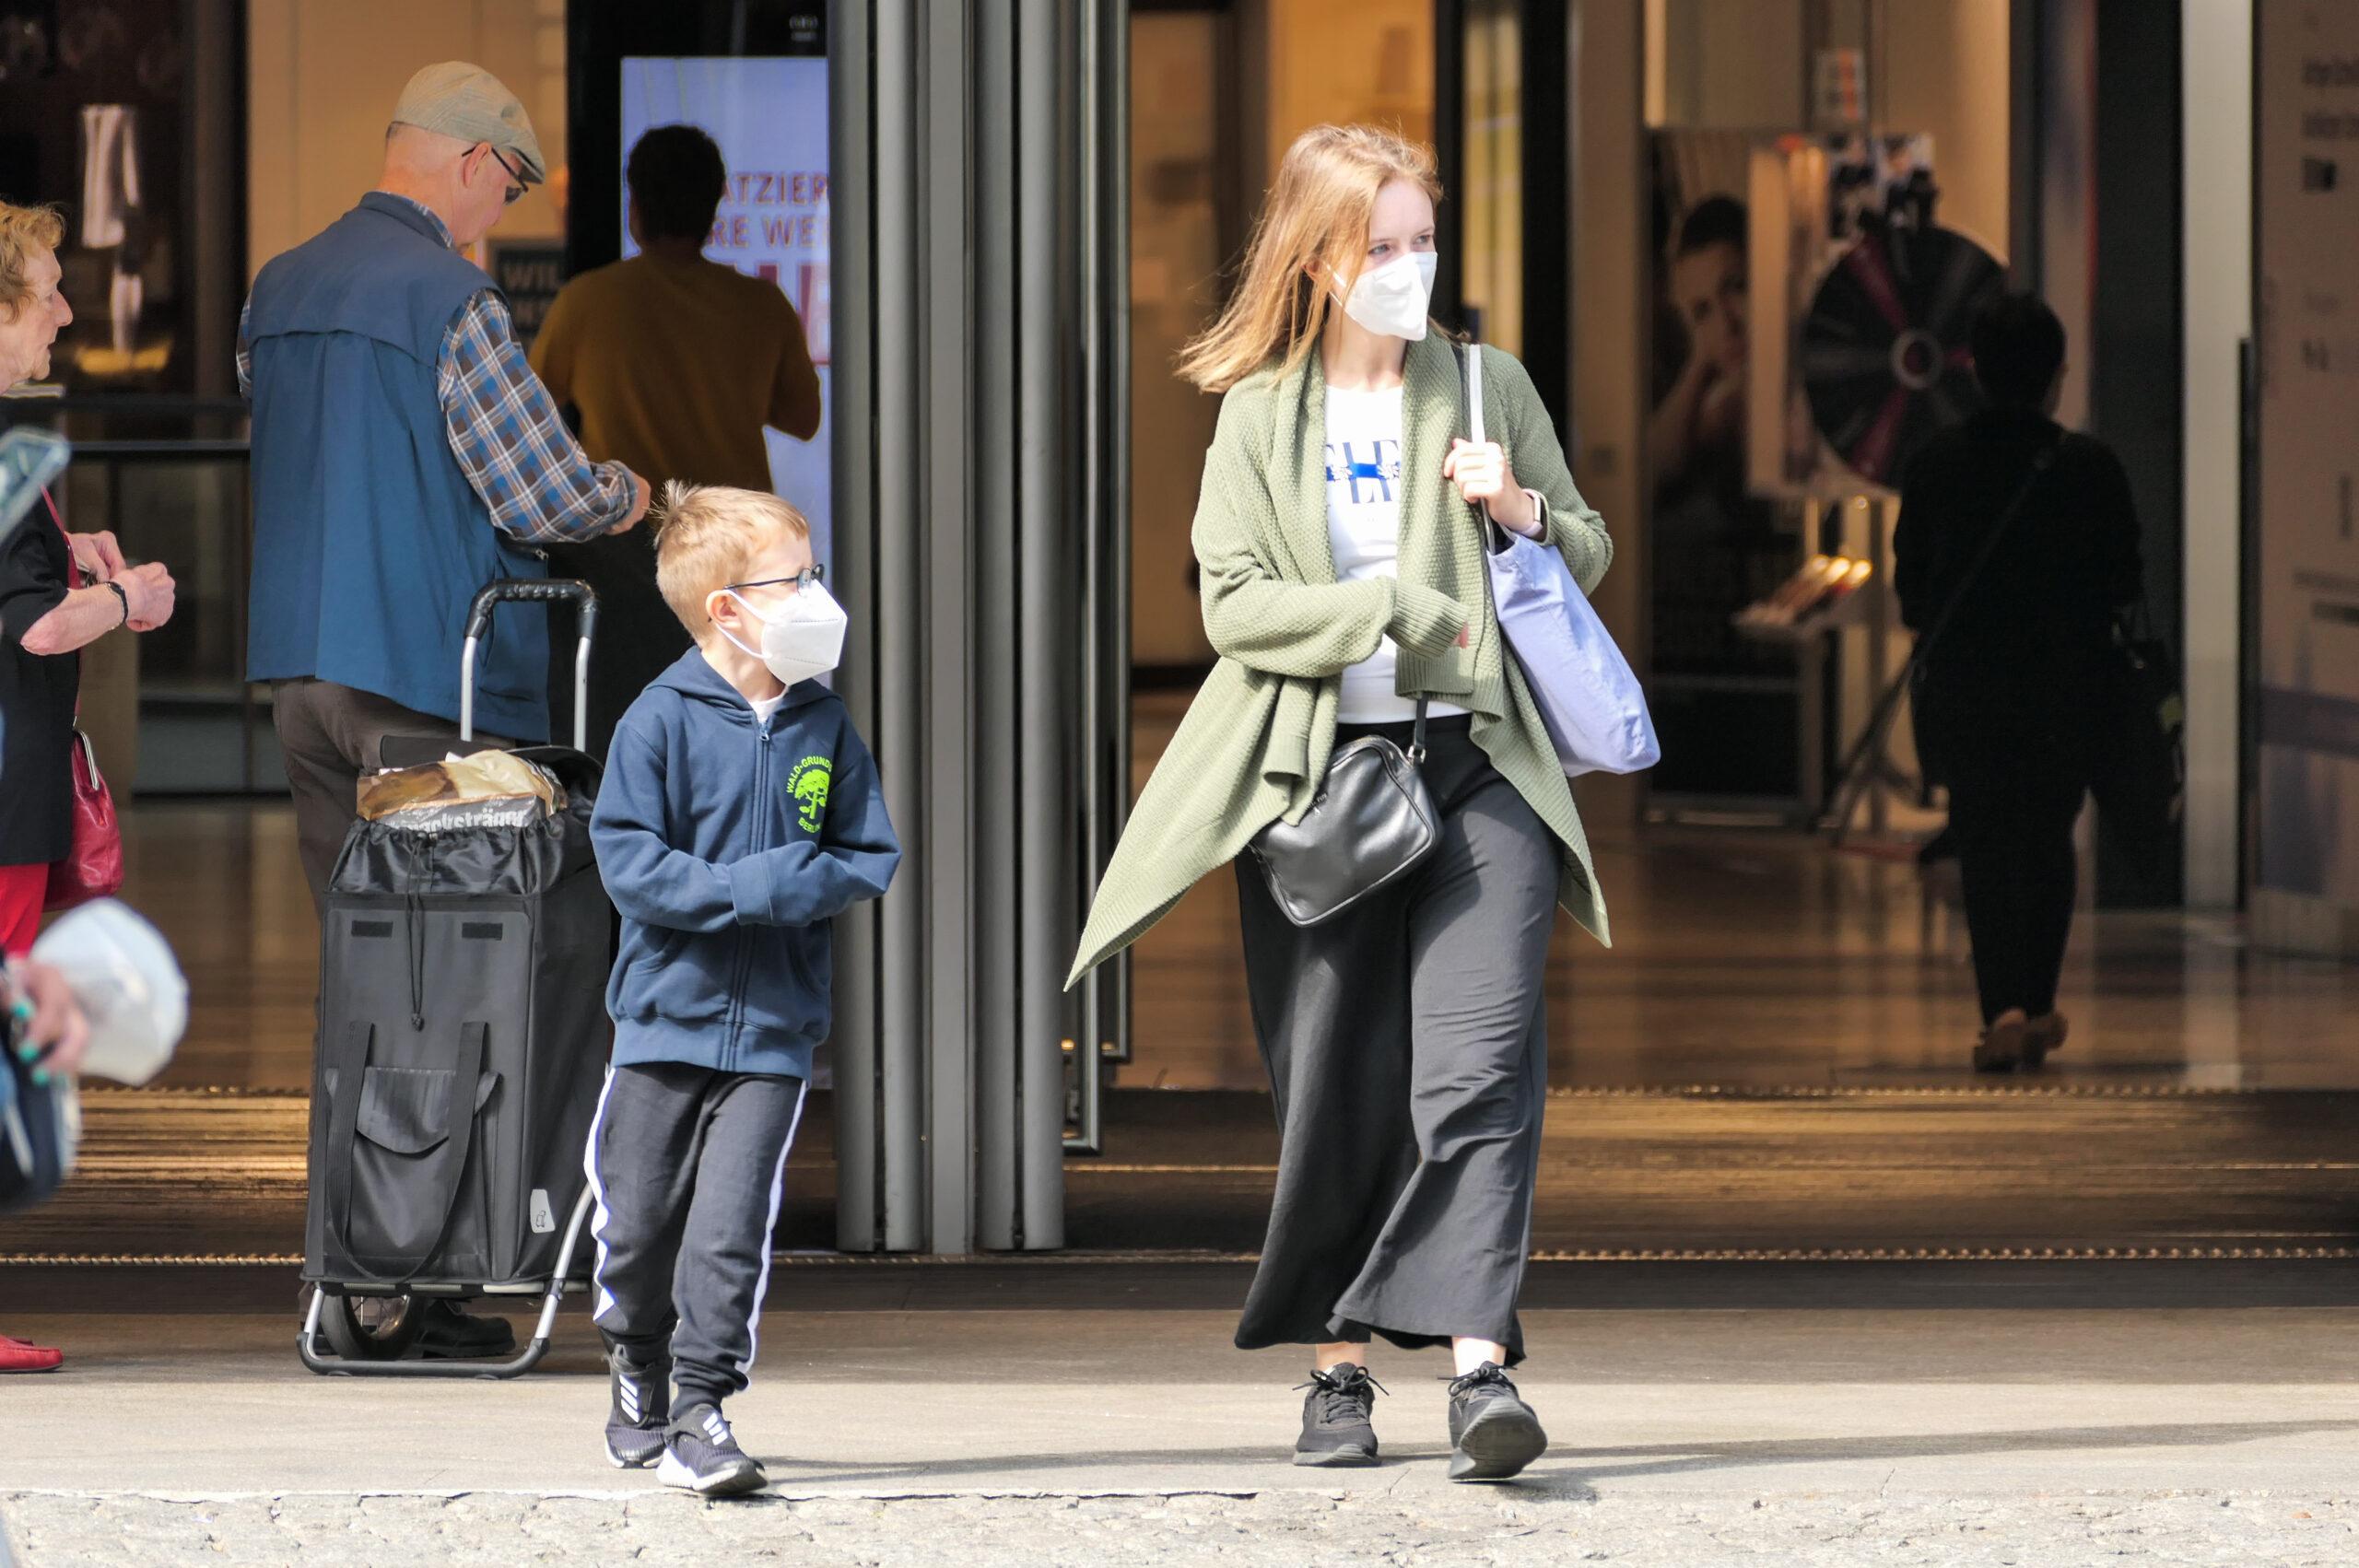 'เยอรมนี' ป่วยโควิด-19 รายวันสูงทะลุ 10,000 อีกครั้ง